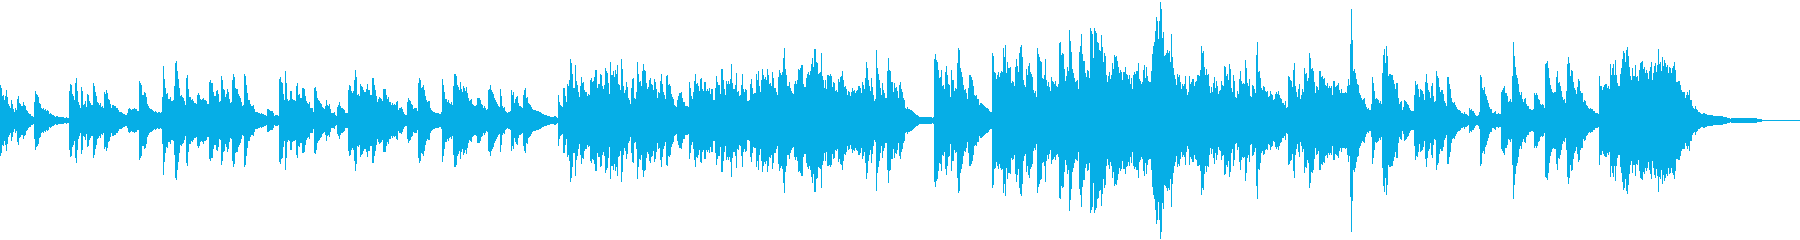 淋し気で温かみのあるピアノソロの再生済みの波形